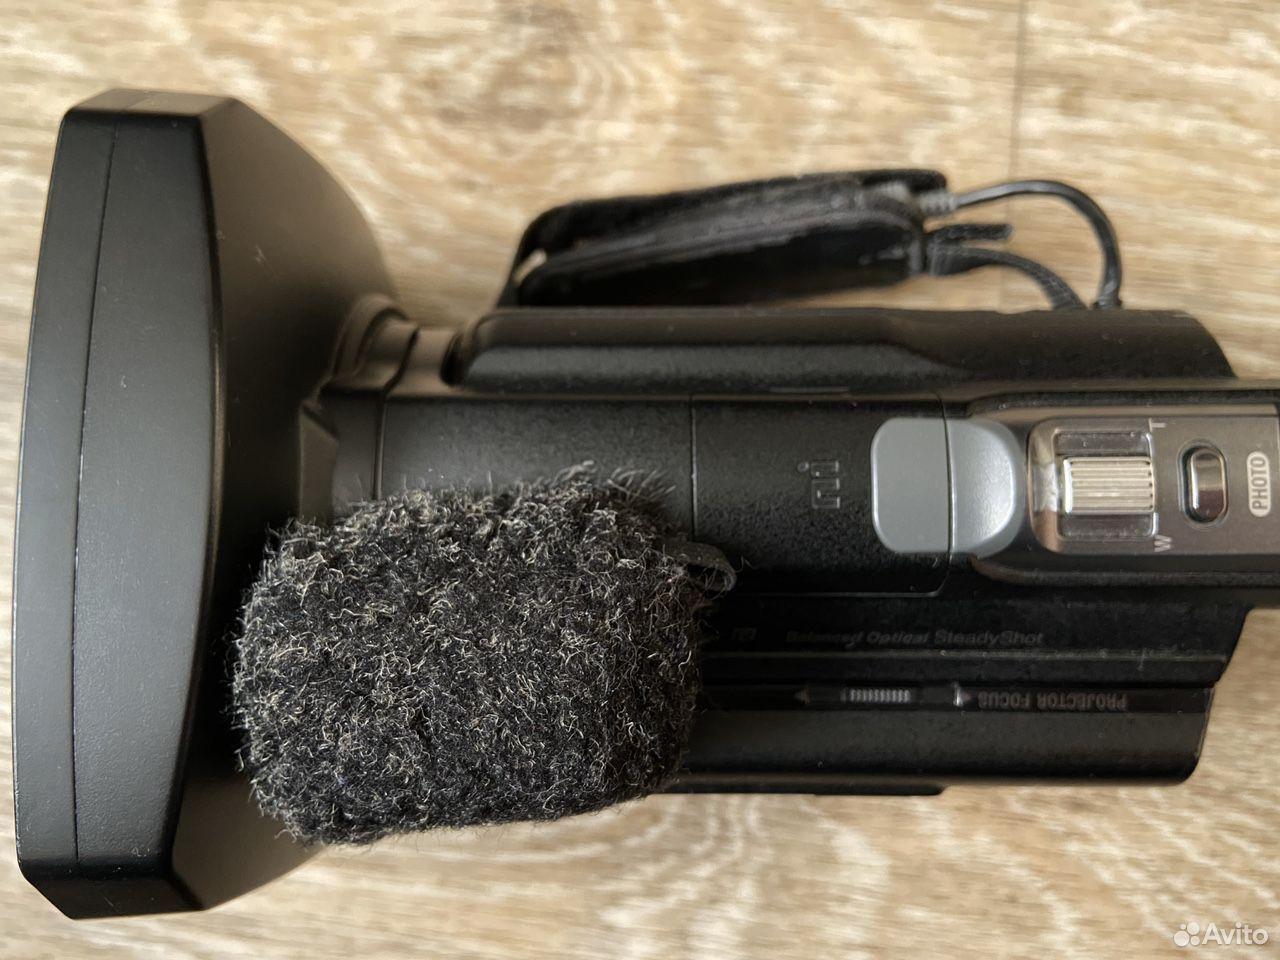 Видеокамера sony PJ780